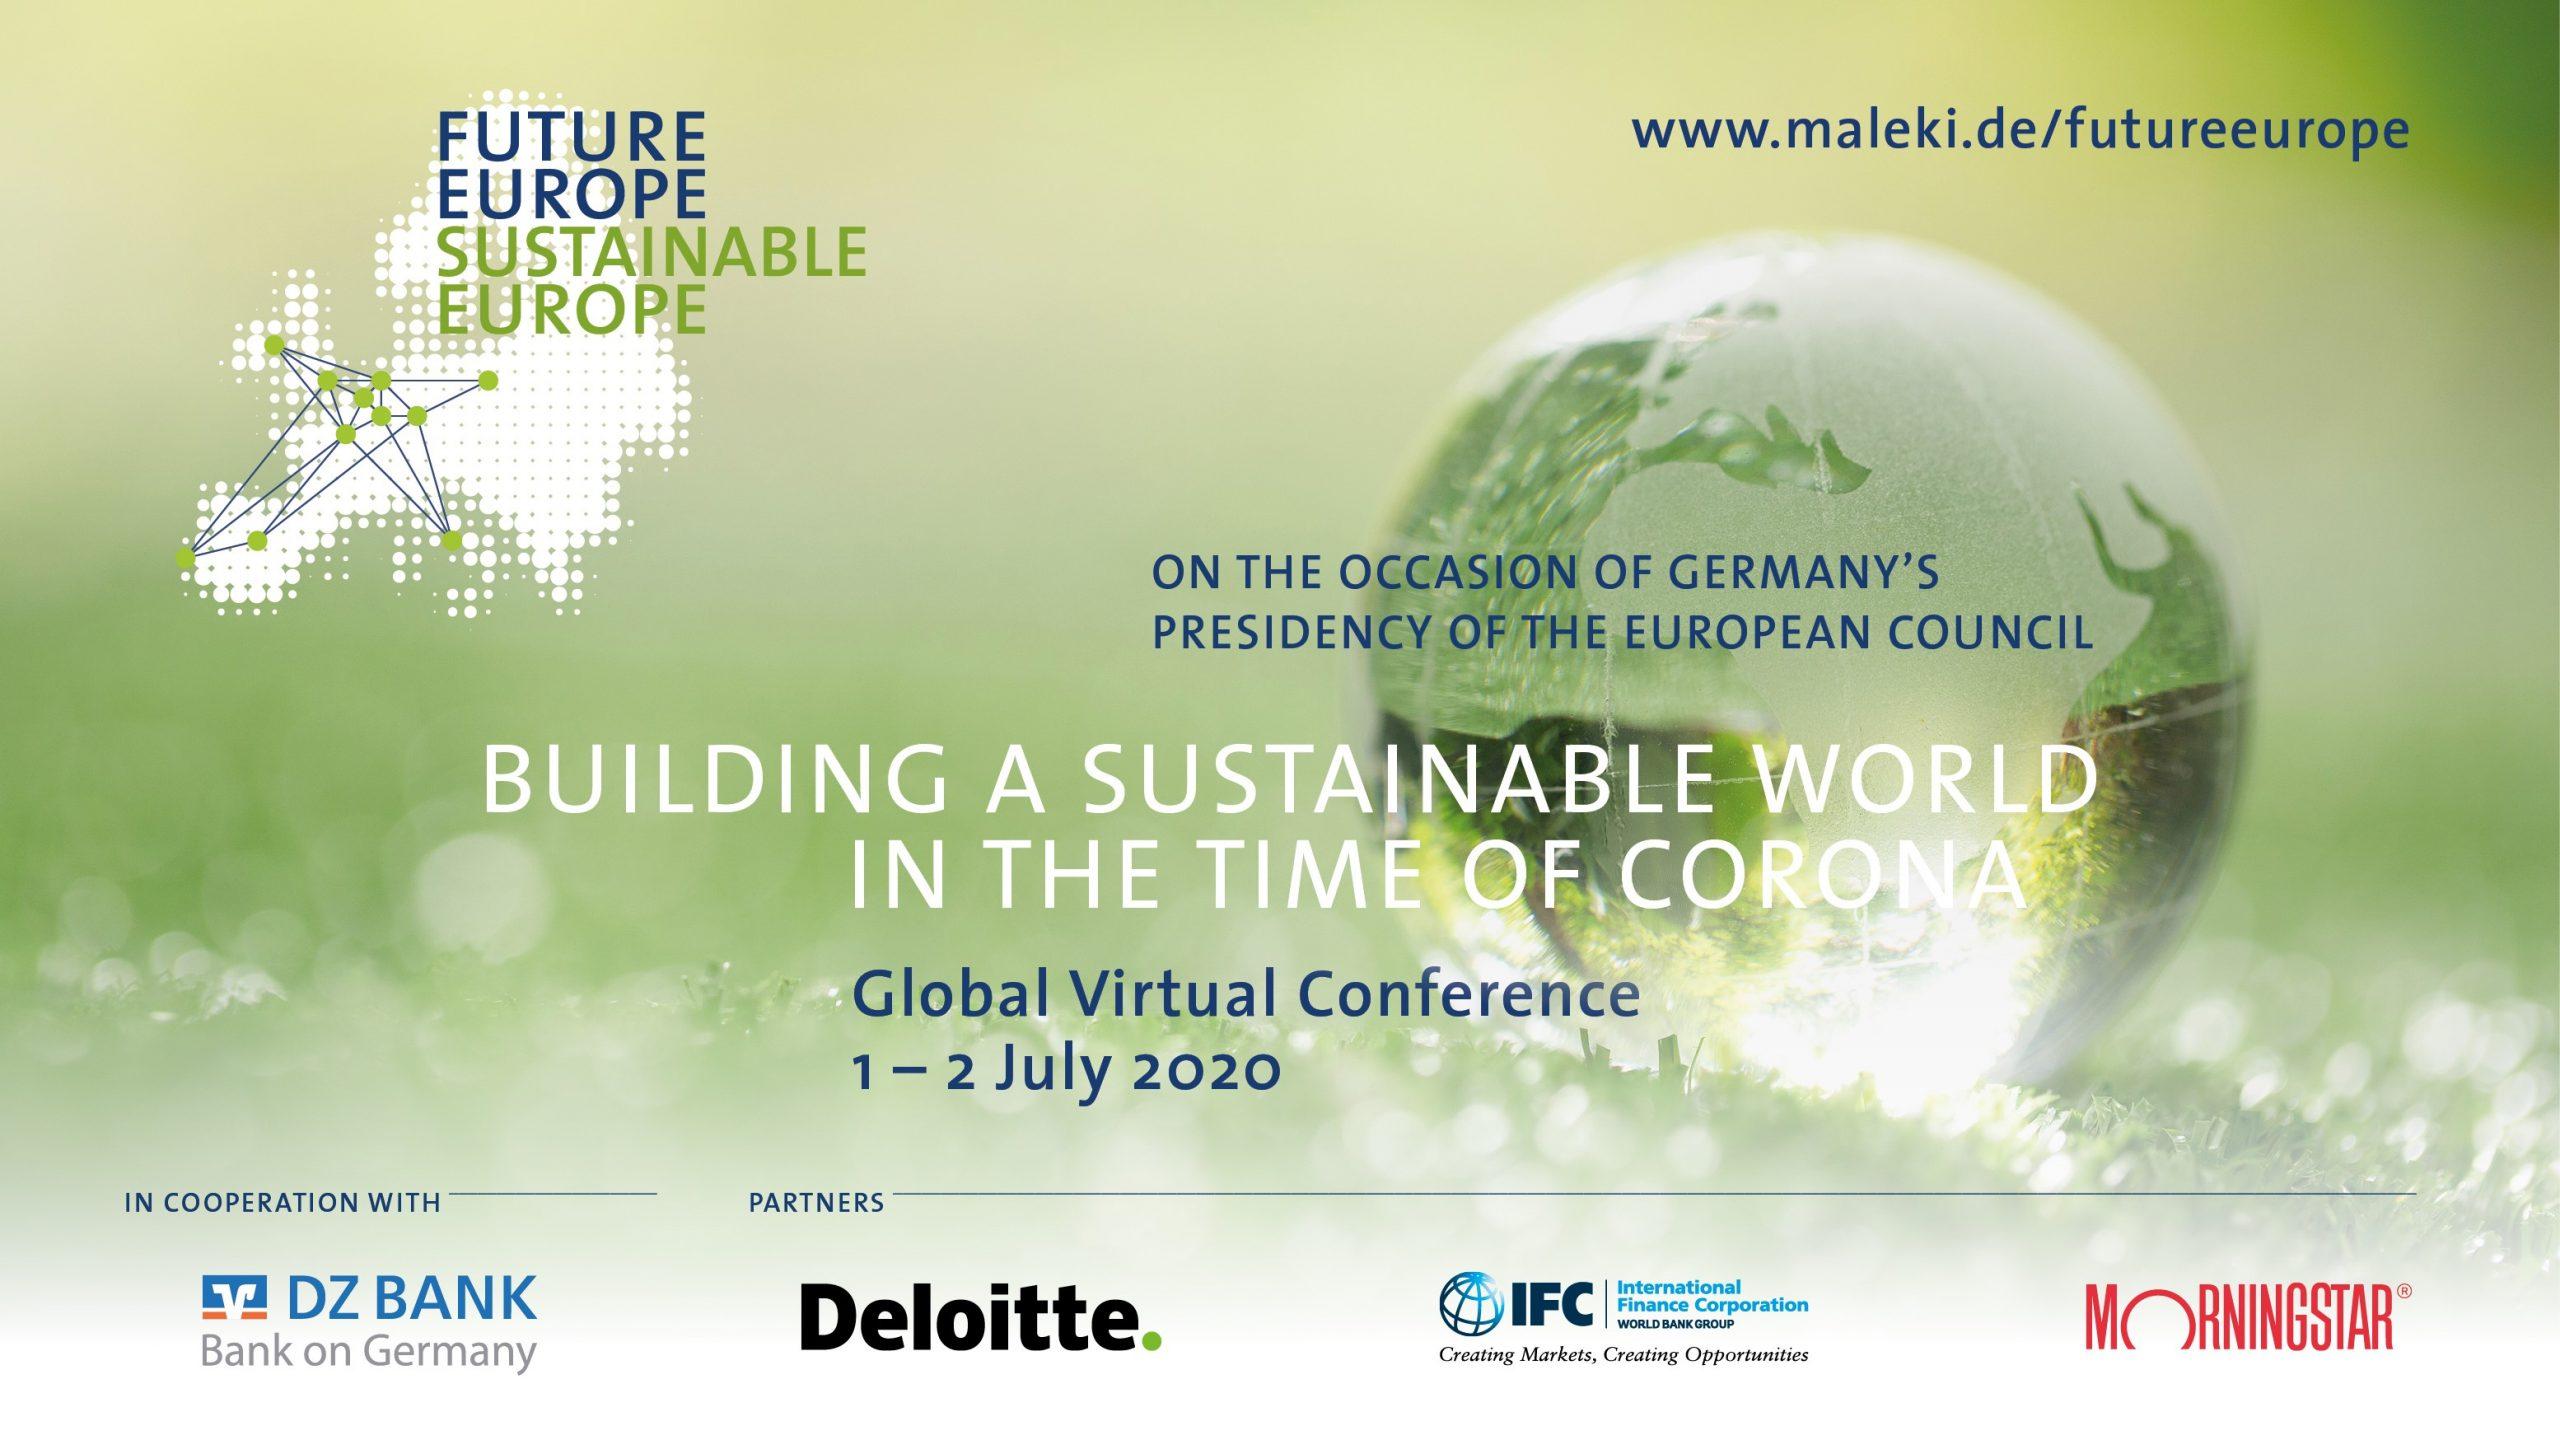 portfolio institutionell_Future Europe - Sustainable Europe